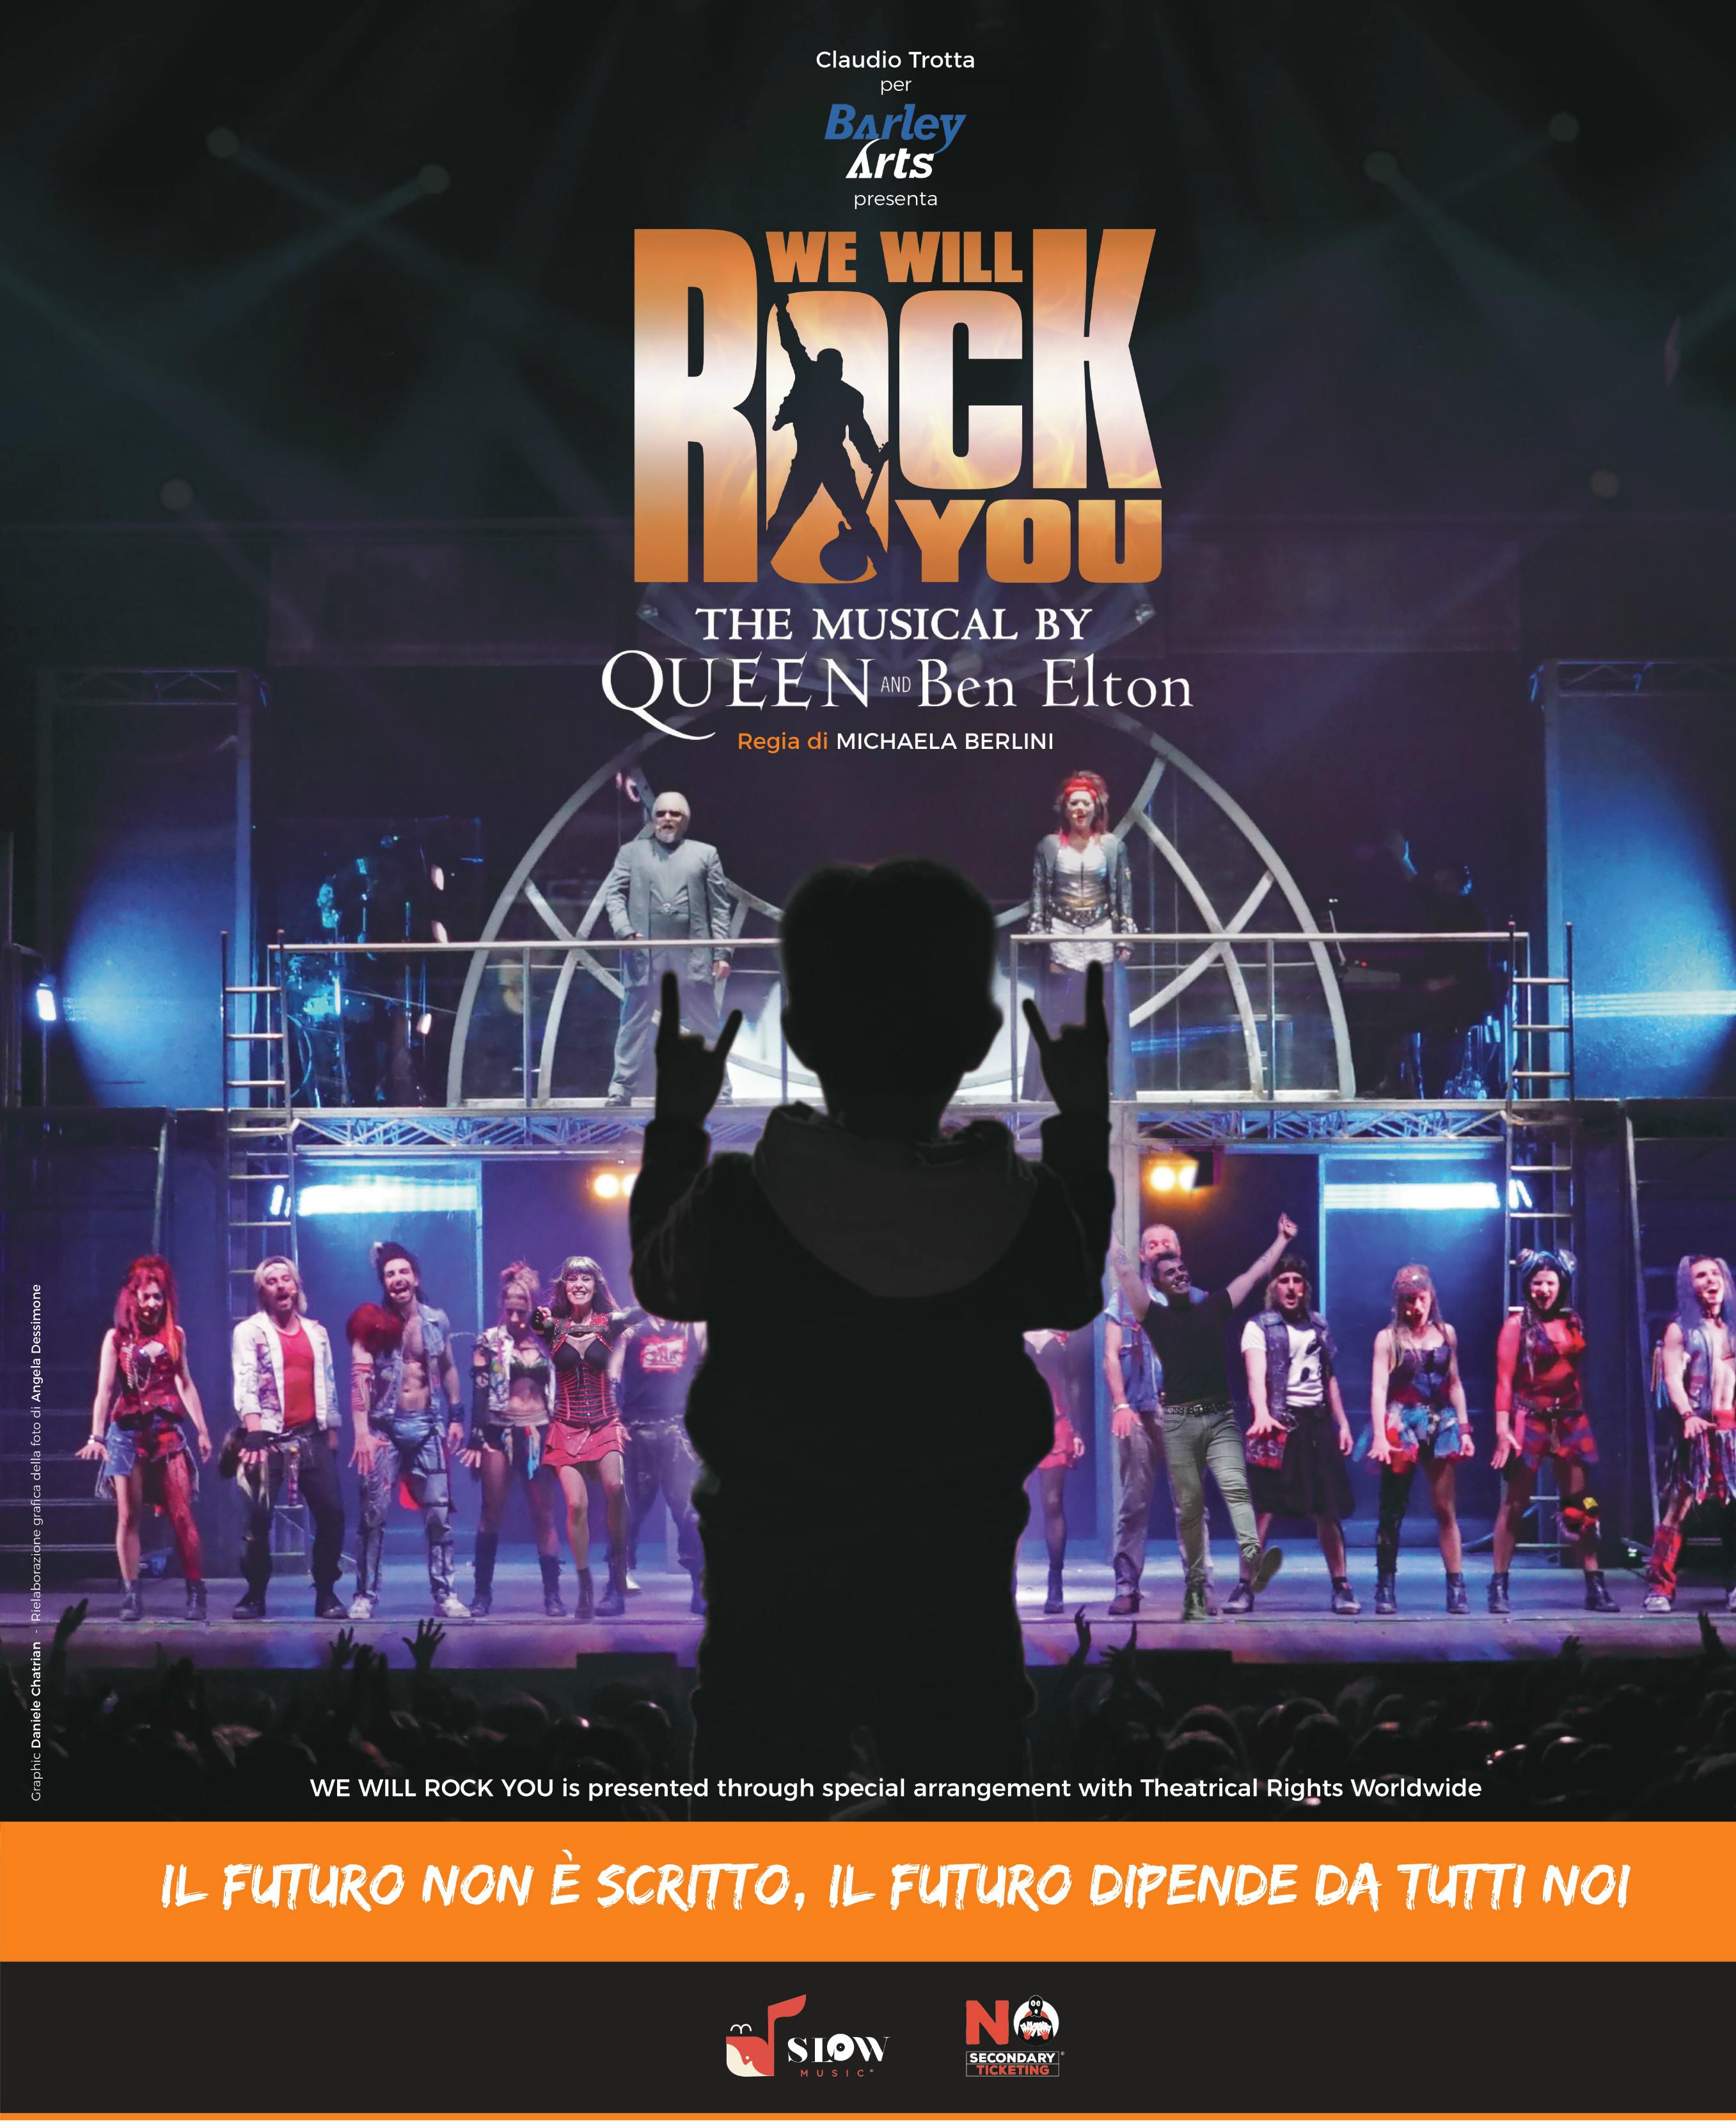 Torna nei teatri We will rock you, il musical dei Queen e Ben Elton